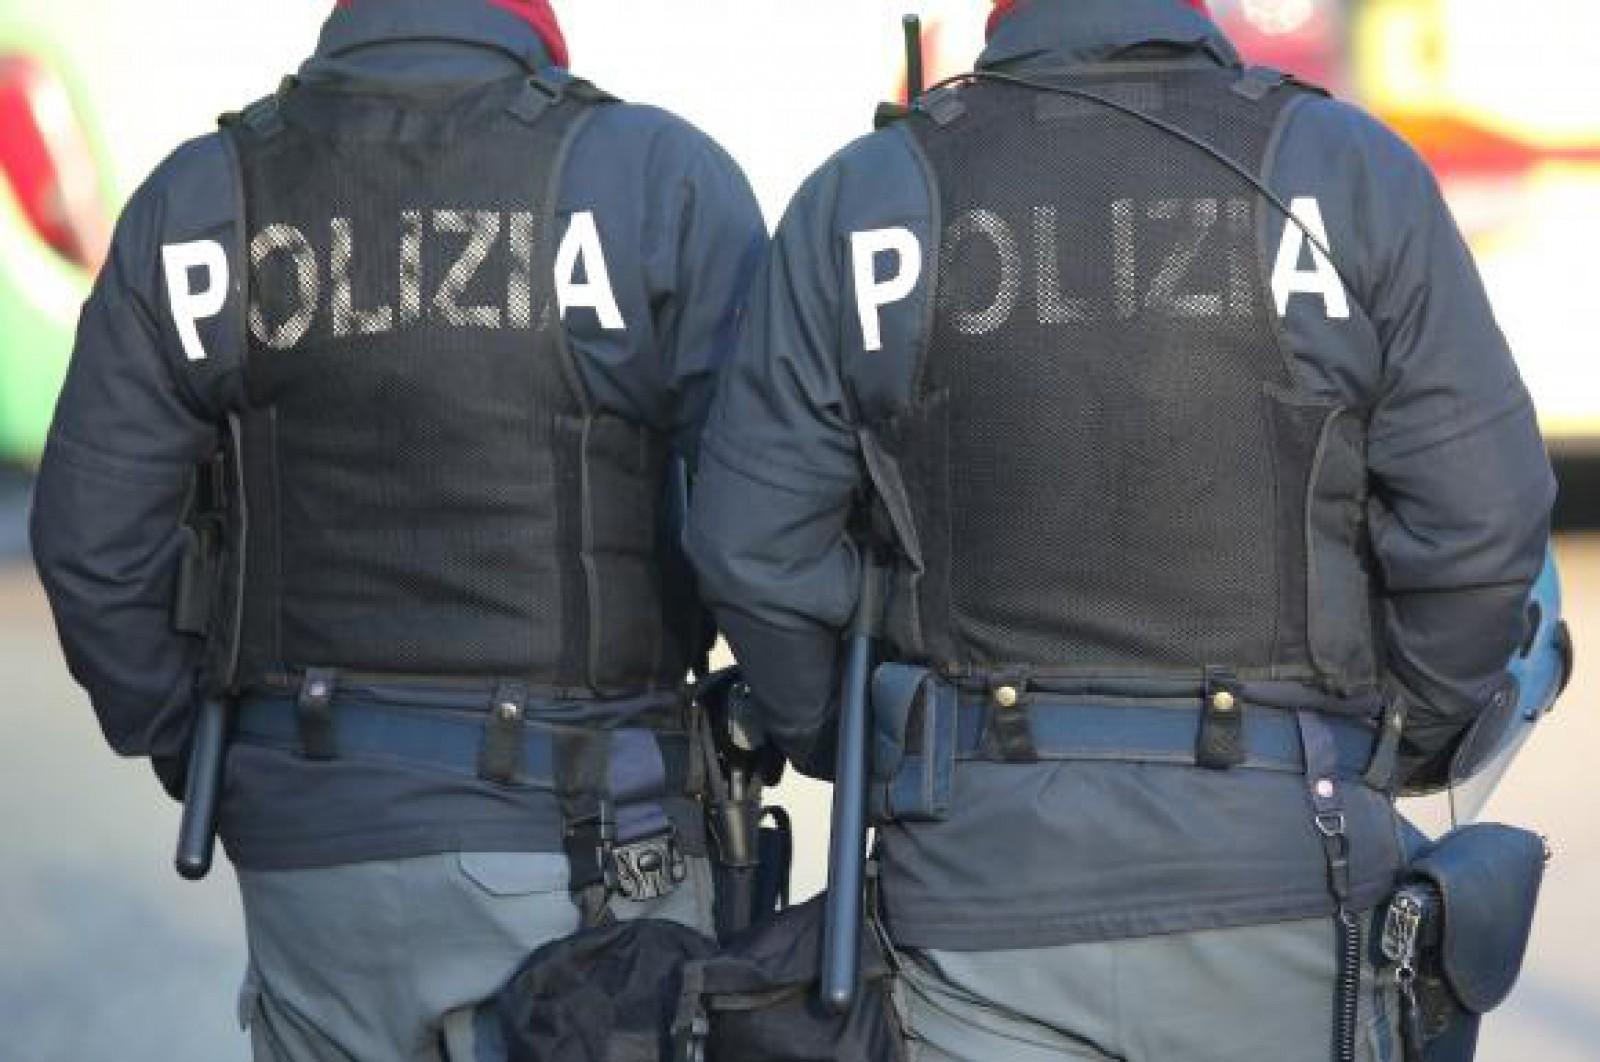 Un bărbat care ar fi infectat intenţionat peste 200 de partenere cu HIV, arestat în Italia